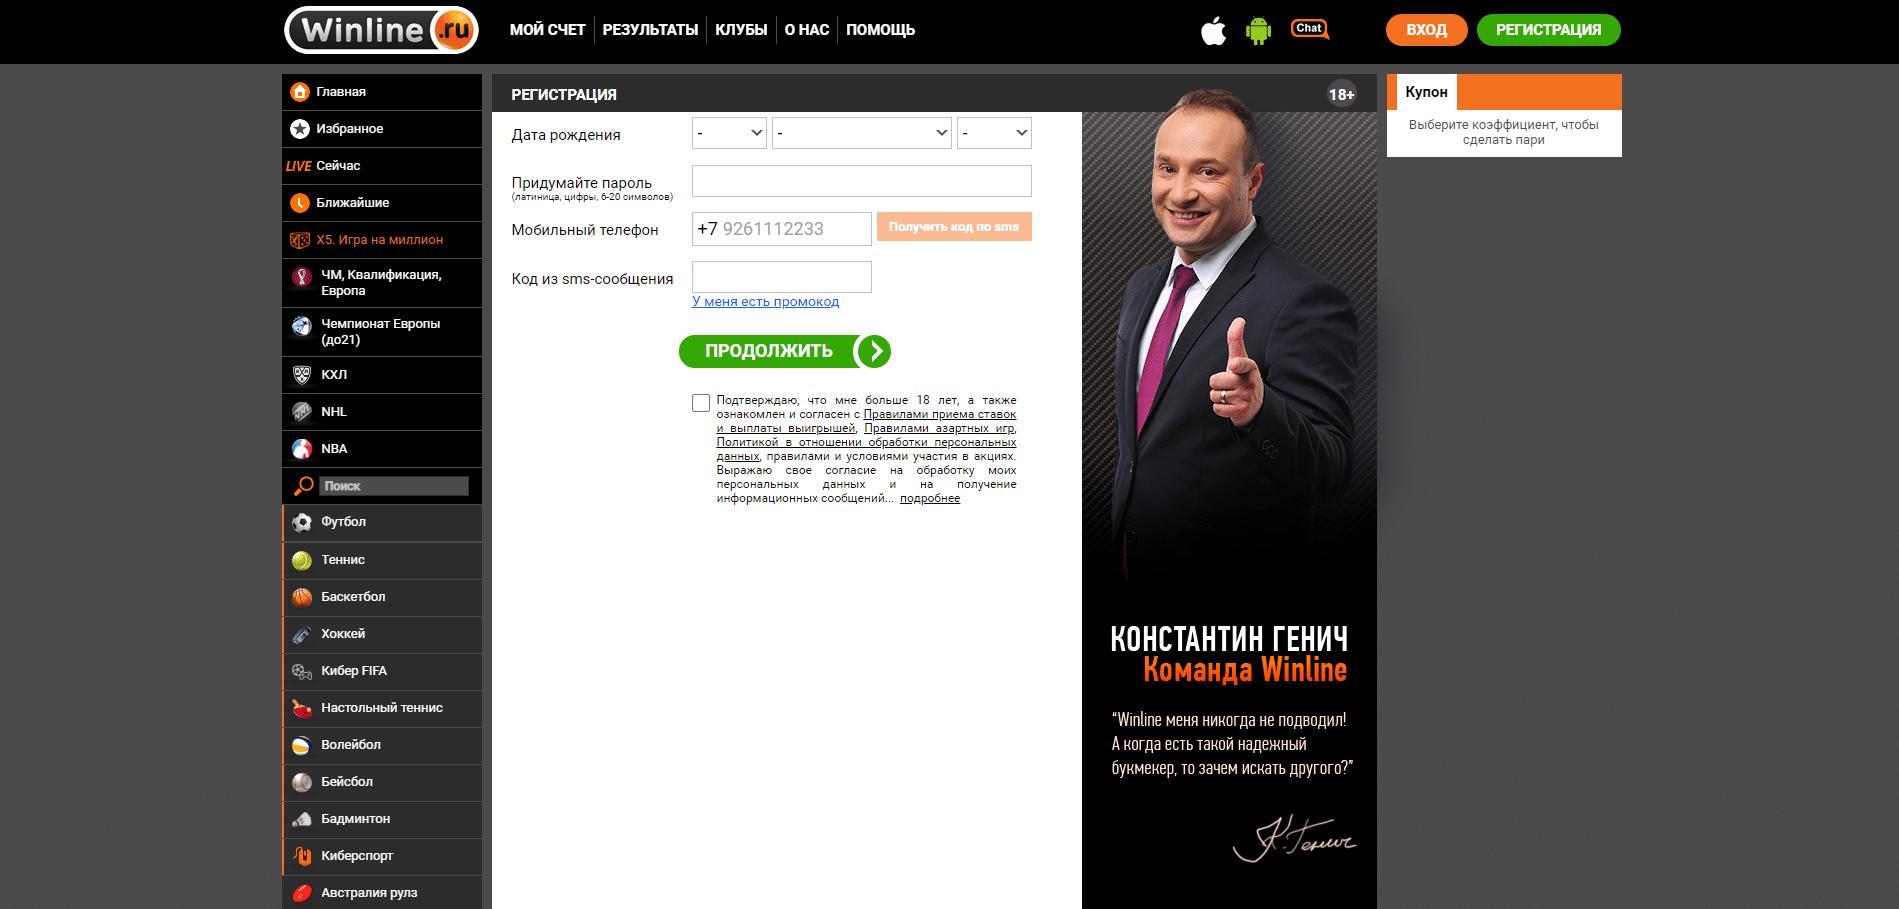 Винлайн букмекерская контора официальный сайт обзор